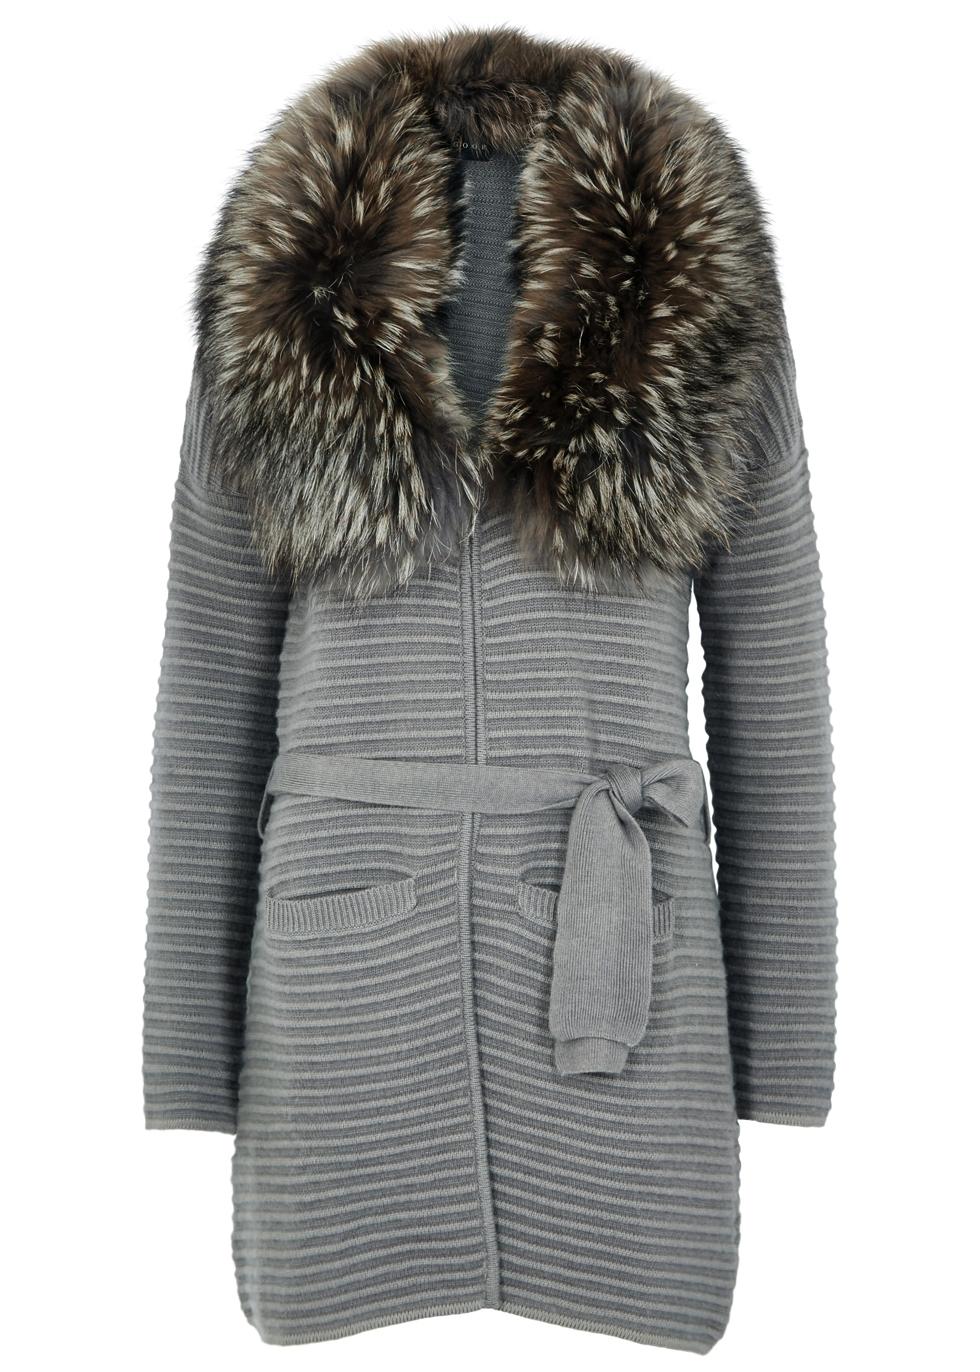 DOM GOOR Grey Fur-Trimmed Wool-Blend Cardigan